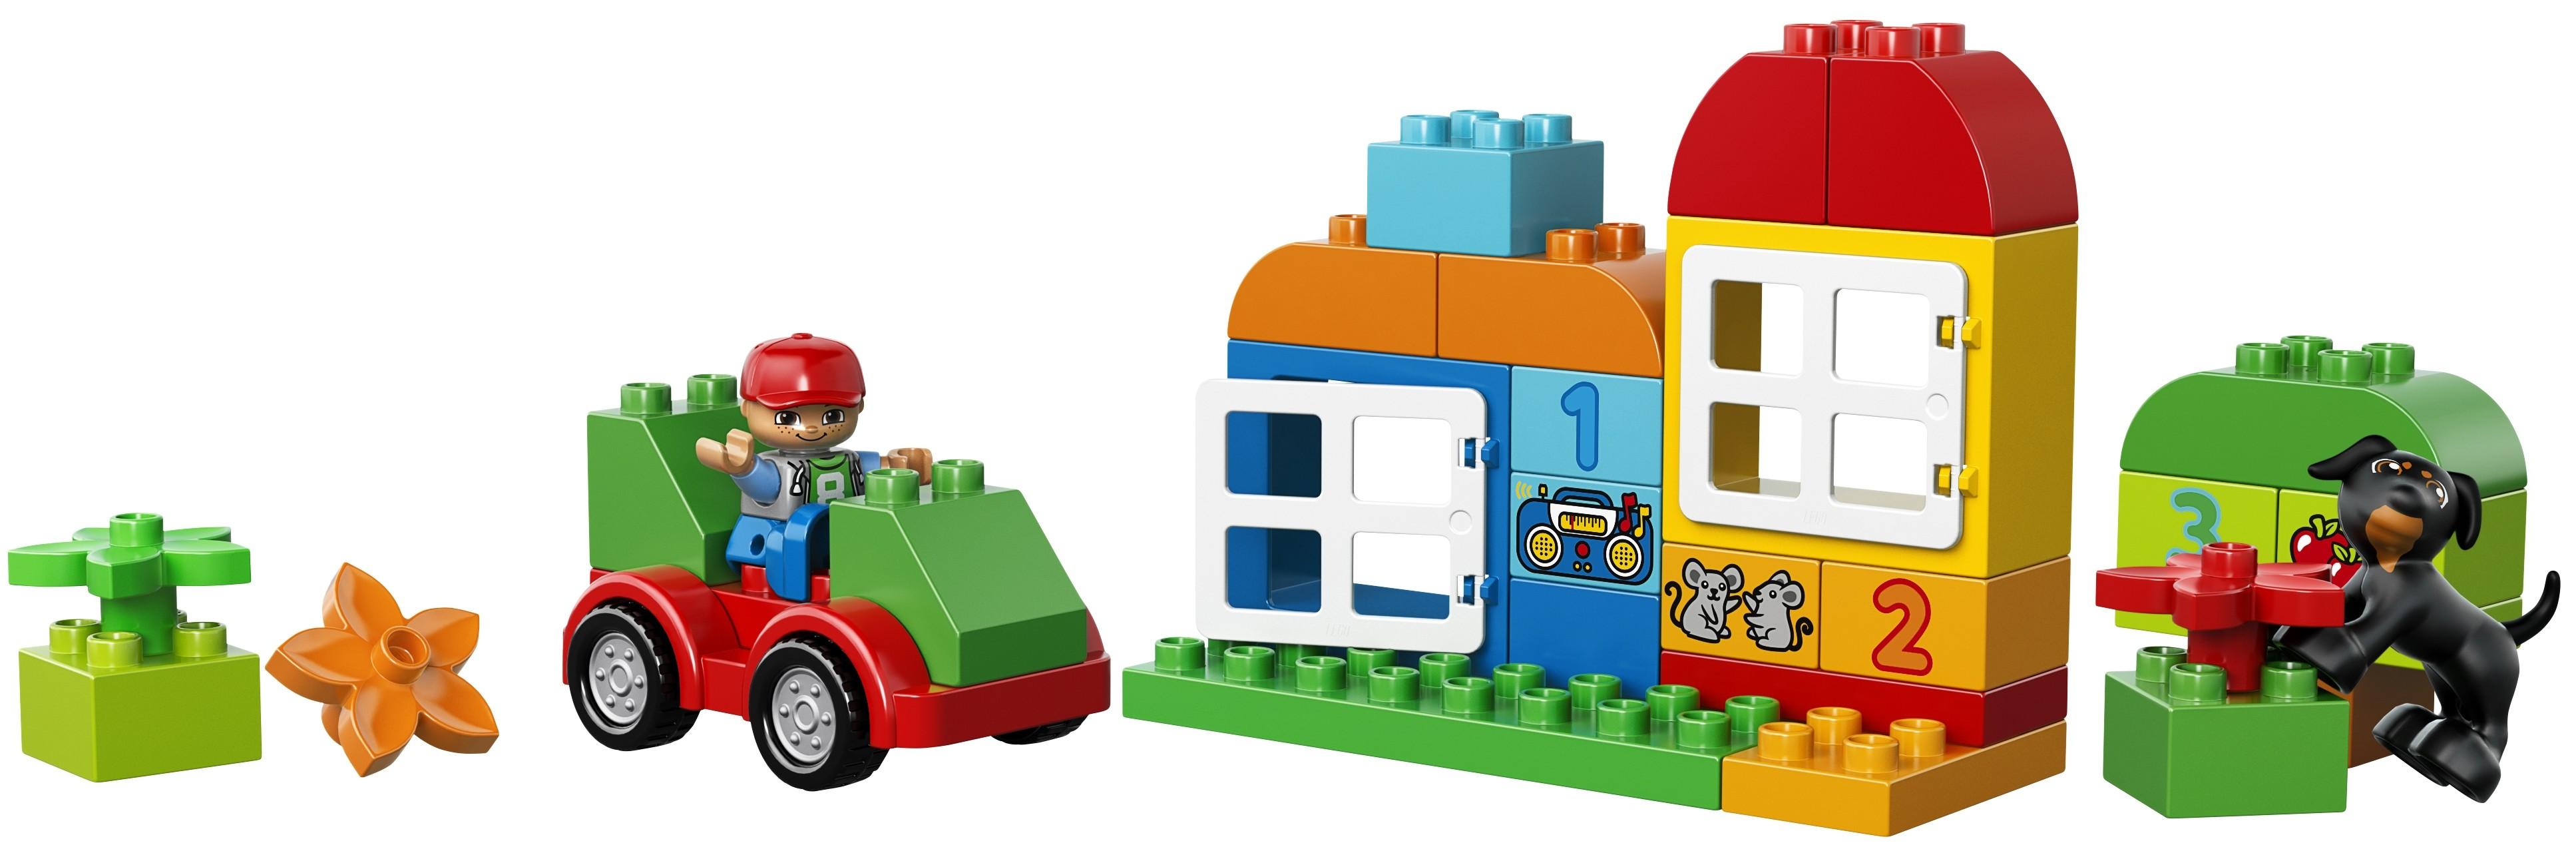 LEGO DUPLO LEGO Конструктор LEGO DUPLO 10572 Механик